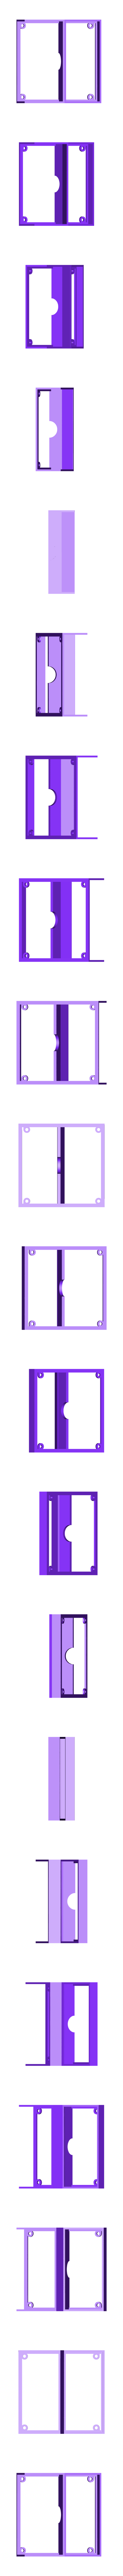 pet-frame.stl Télécharger fichier STL gratuit Mini Commodore PET with Charlieplexed LED Matrix • Plan à imprimer en 3D, Adafruit